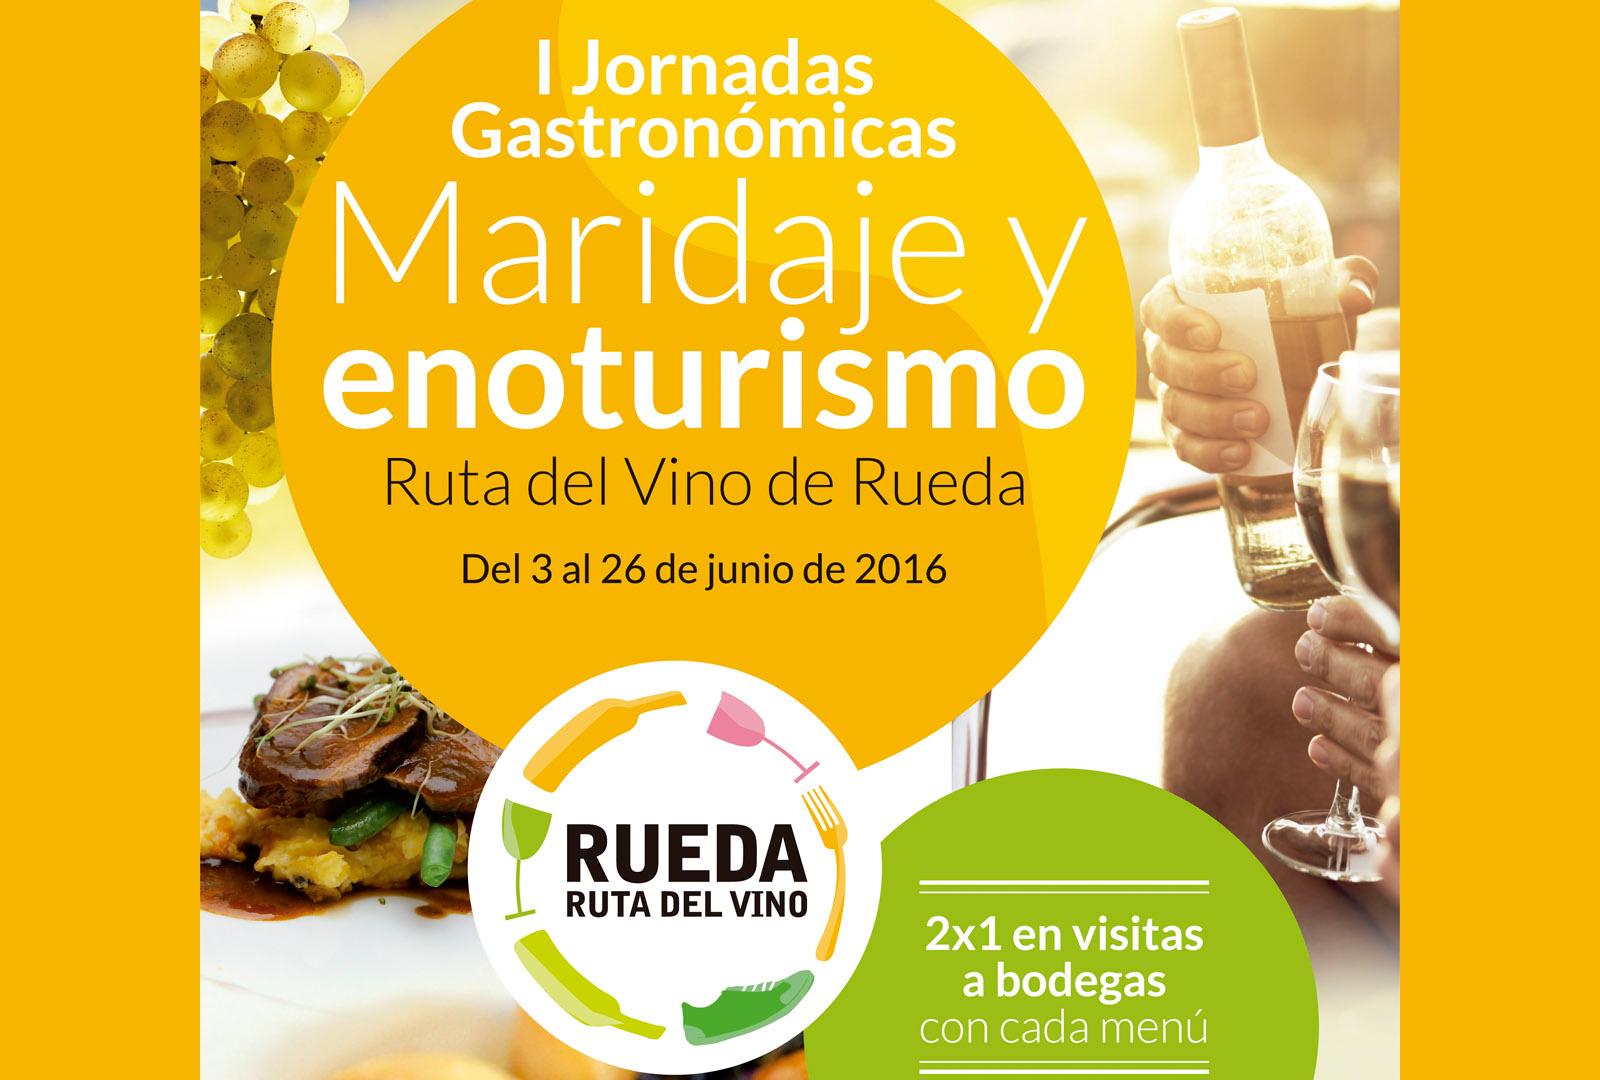 Rueda celebra sus I Jornadas Gastronómicas.